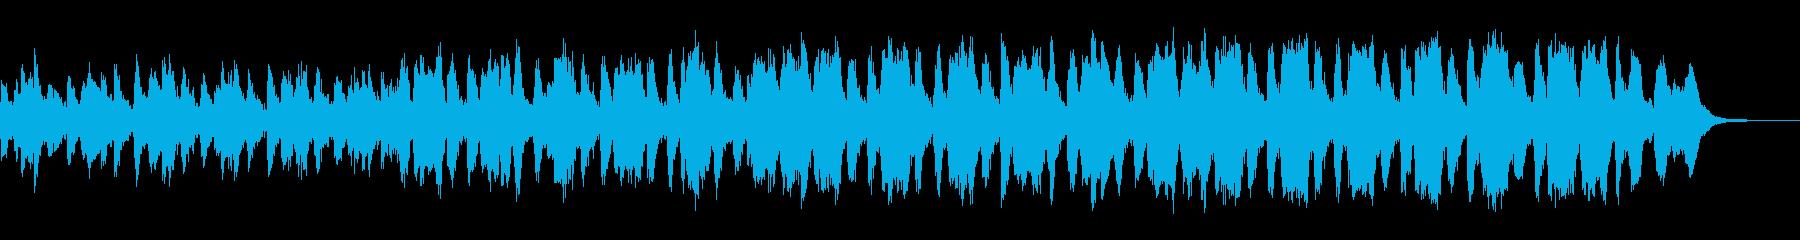 エレキ・ギター「ダッシュ」オーケストラの再生済みの波形